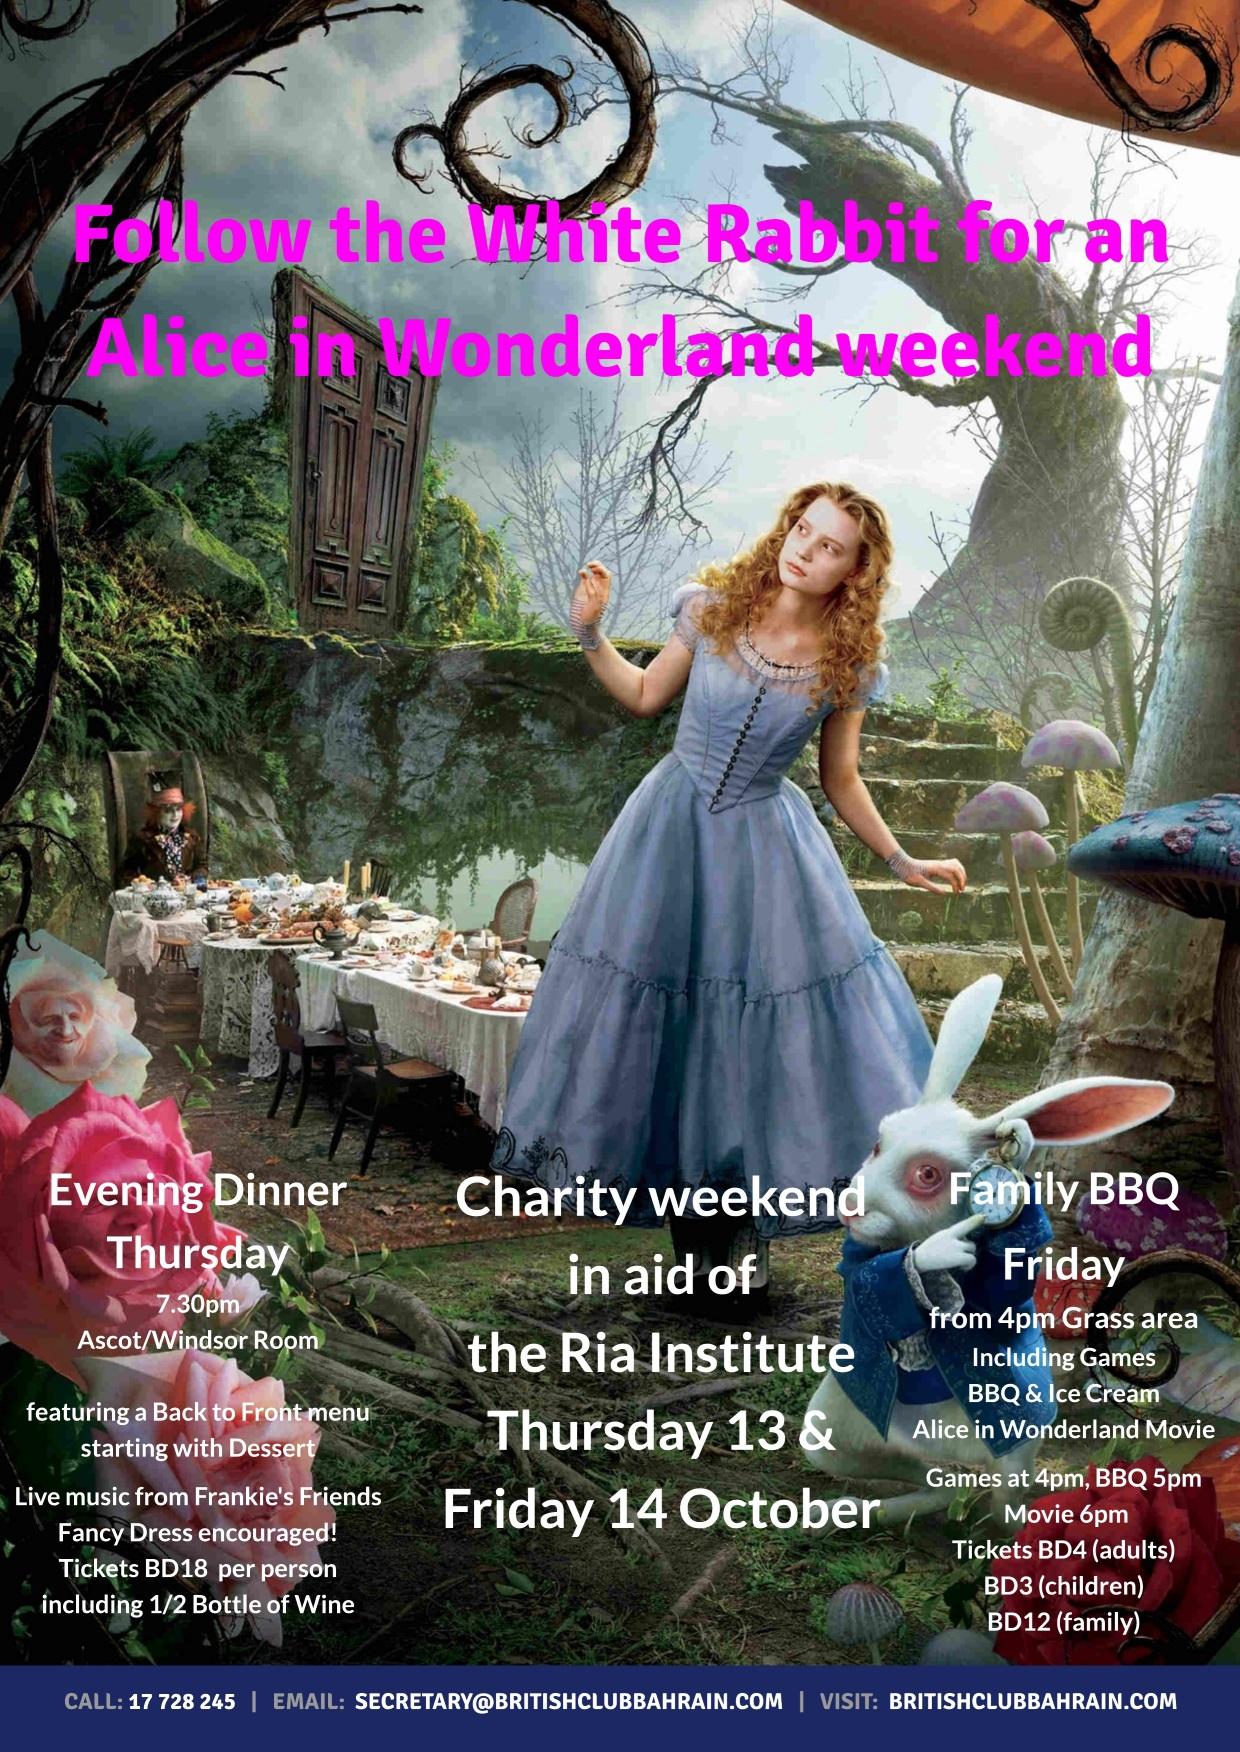 Alice in Wonderland weekend